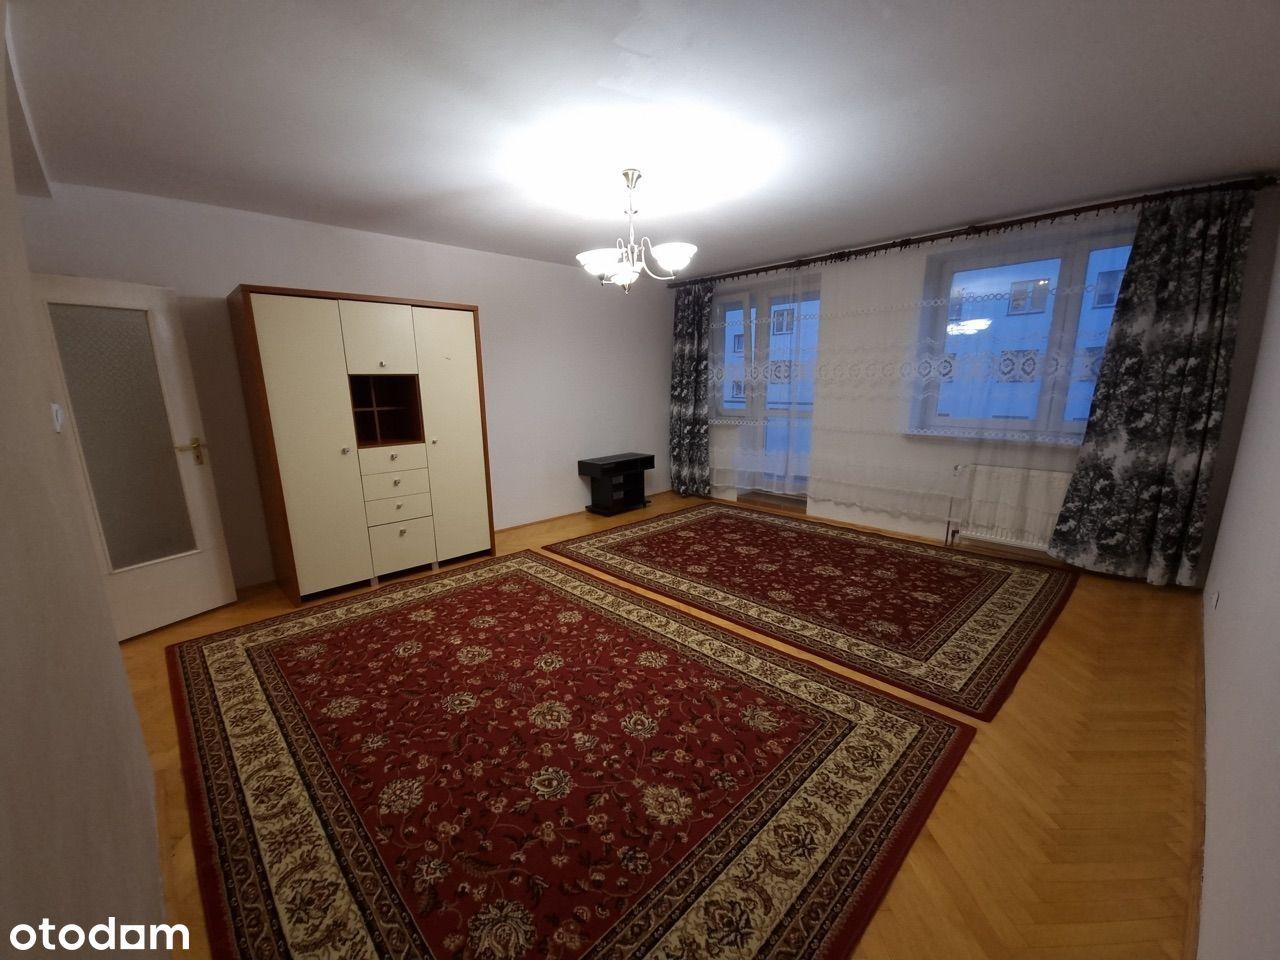 3 pokoje 89 m2 na Kabatach. Znakomity rozkład